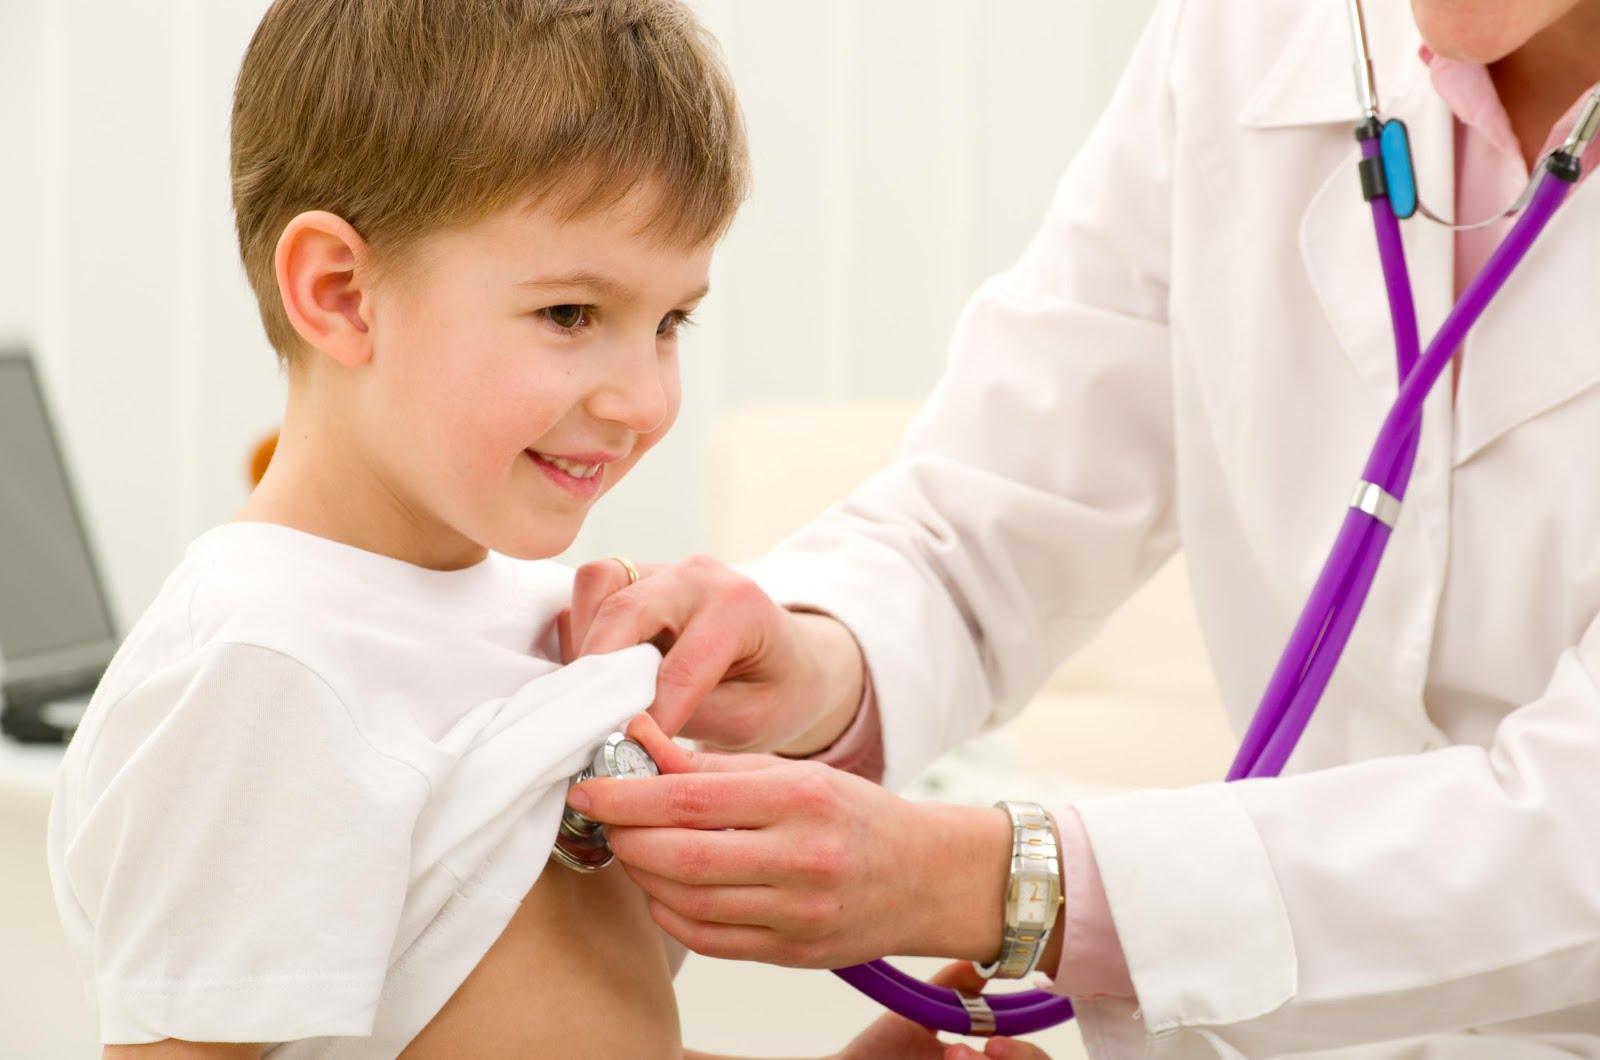 علاج حساسييه الصدر عند الاطفال بالاعشاب